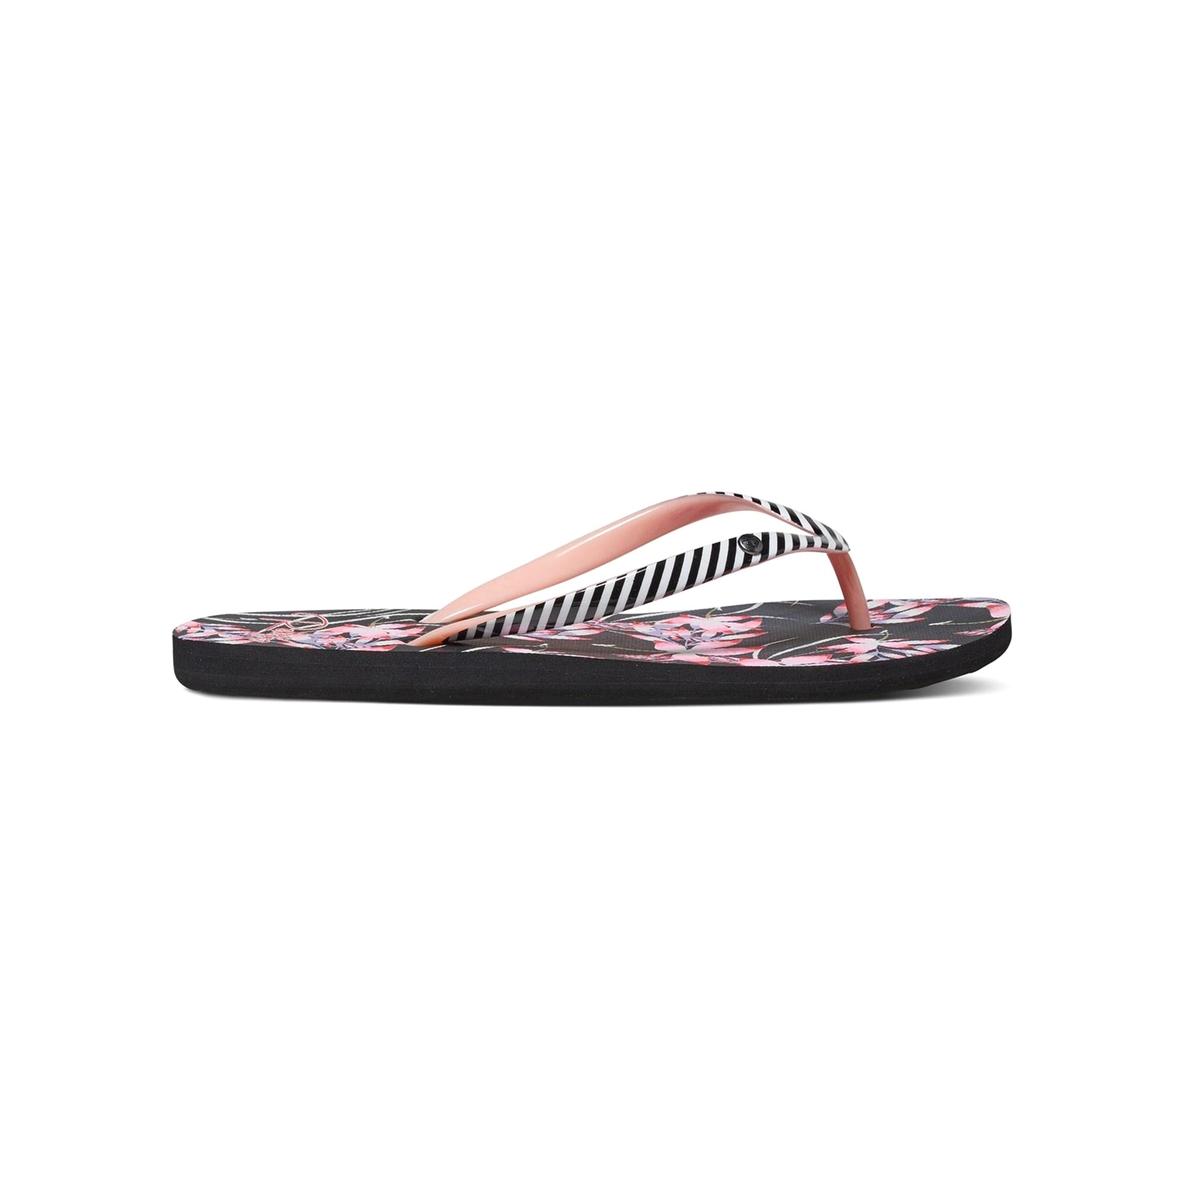 Вьетнамки PortofinoВерх : синтетика   Подошва : каучук   Форма каблука : плоский каблук   Мысок : открытый мысок   Застежка : без застежки<br><br>Цвет: черный